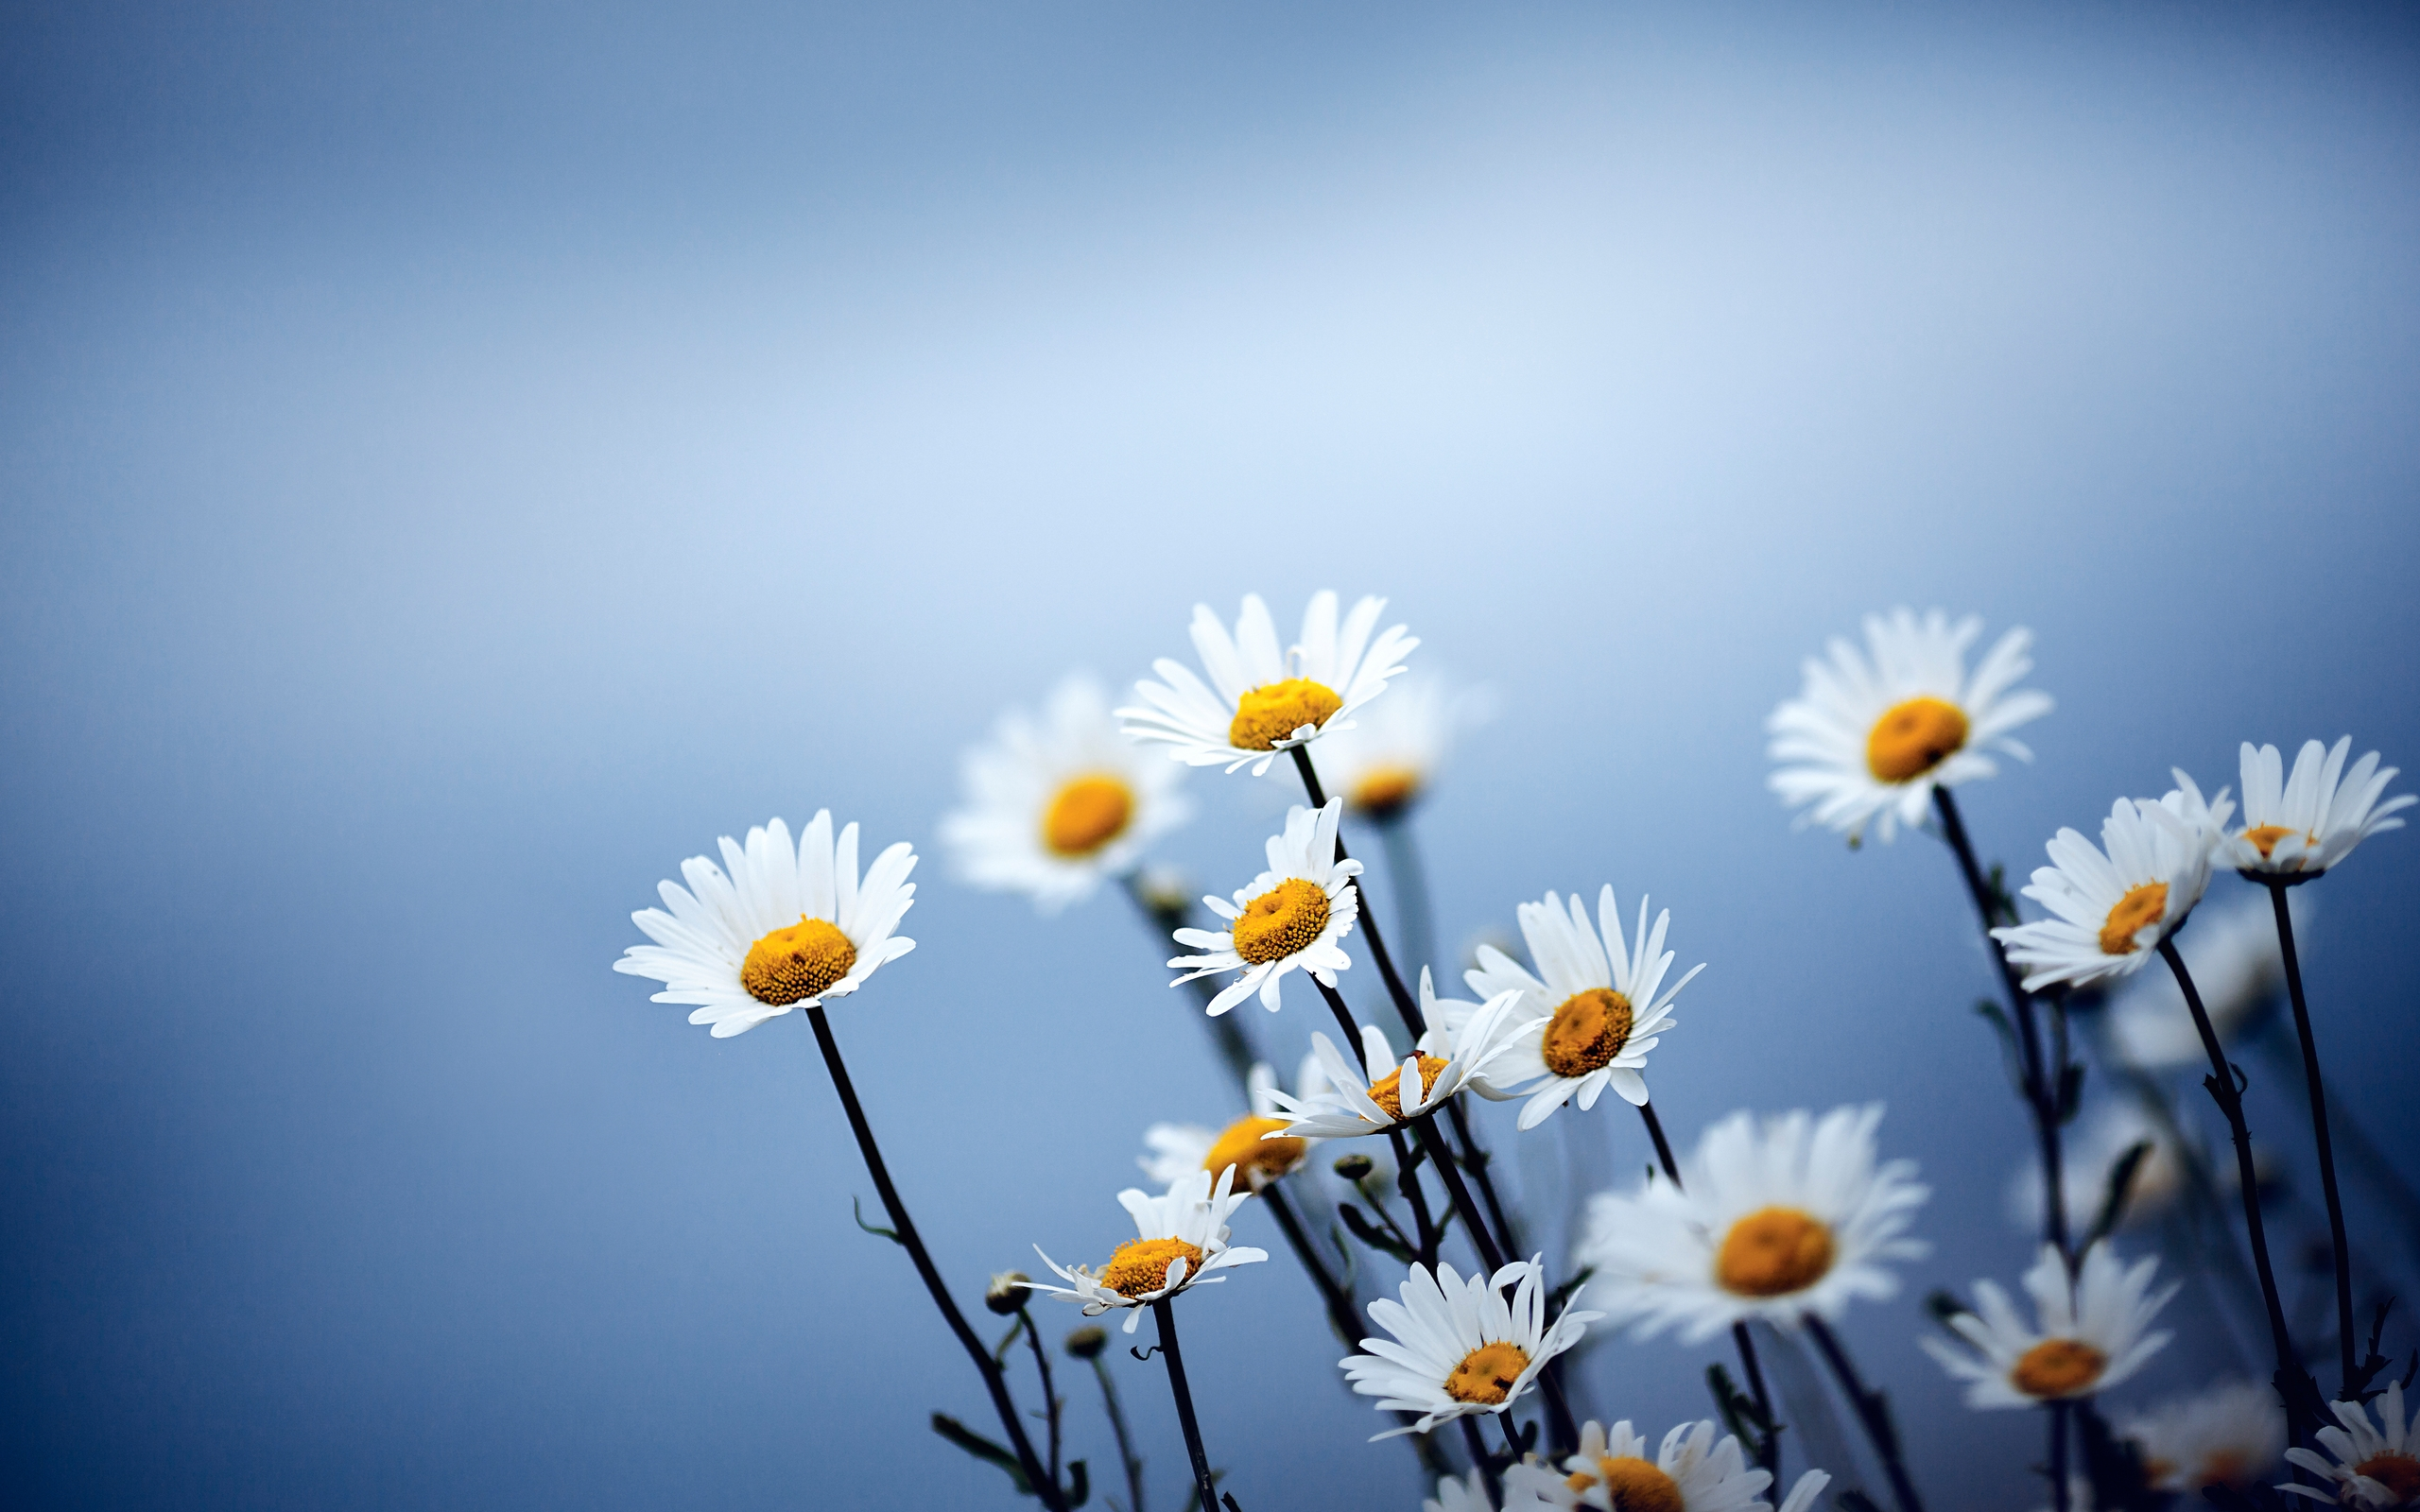 ромашка цветы фокус  № 1096407 загрузить